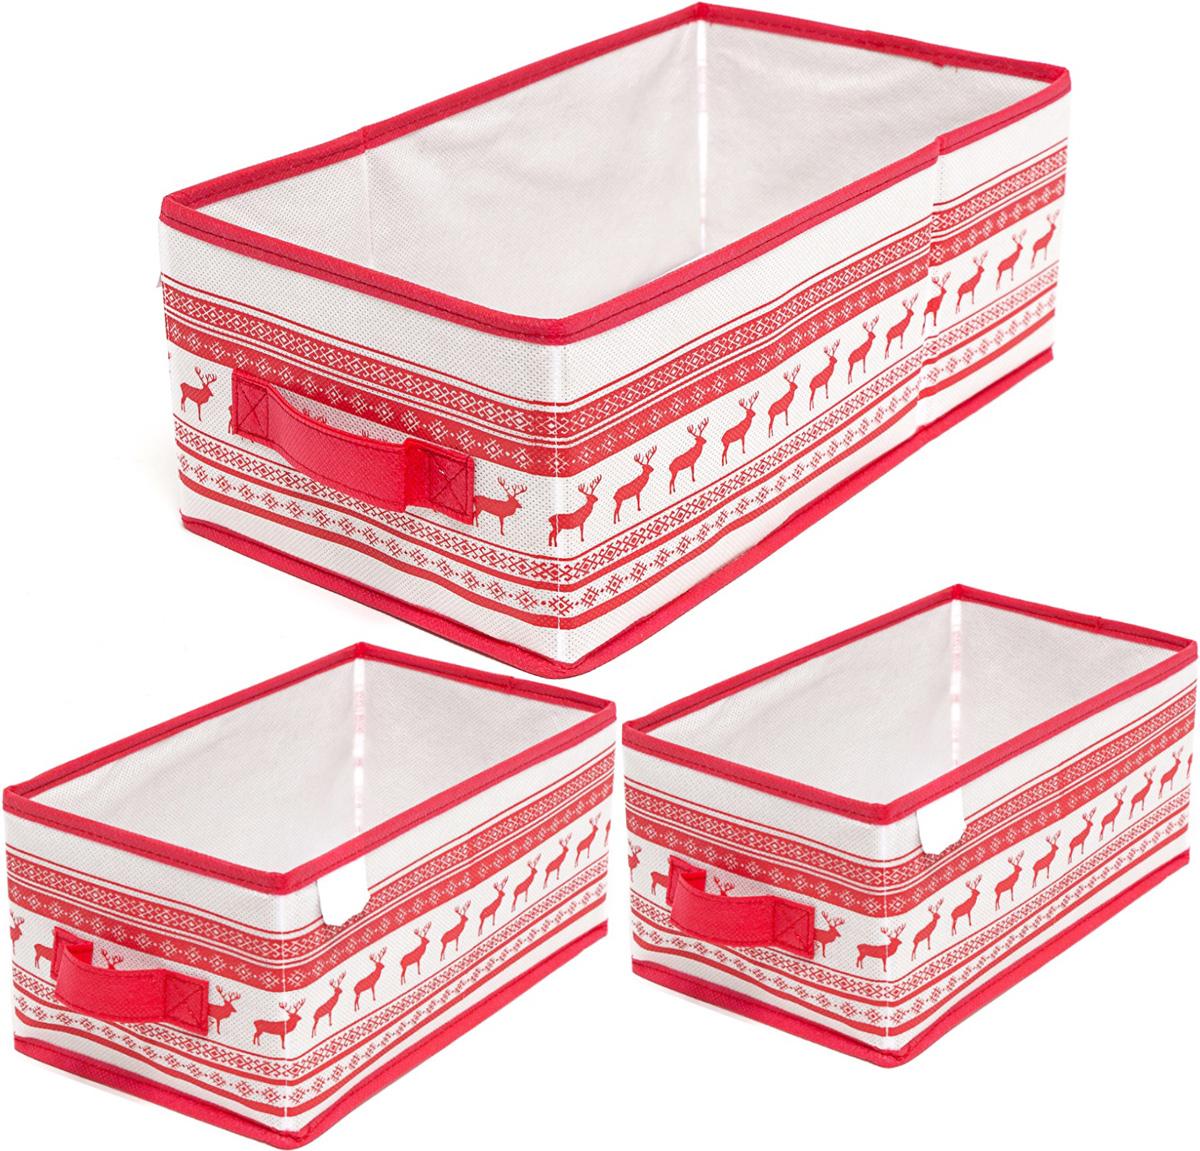 Набор кофров для хранения Homsu Scandinavia, 3 штDEN-83Набор кофров для хранения Homsu Scandinavia, выполненный из спанбонда и картона,состоит из трех универсальных коробочек, оптимальный размер которых позволяет хранить в них любые вещи и предметы. Все они имеют жесткие борта, что является гарантией сохранности вещей.